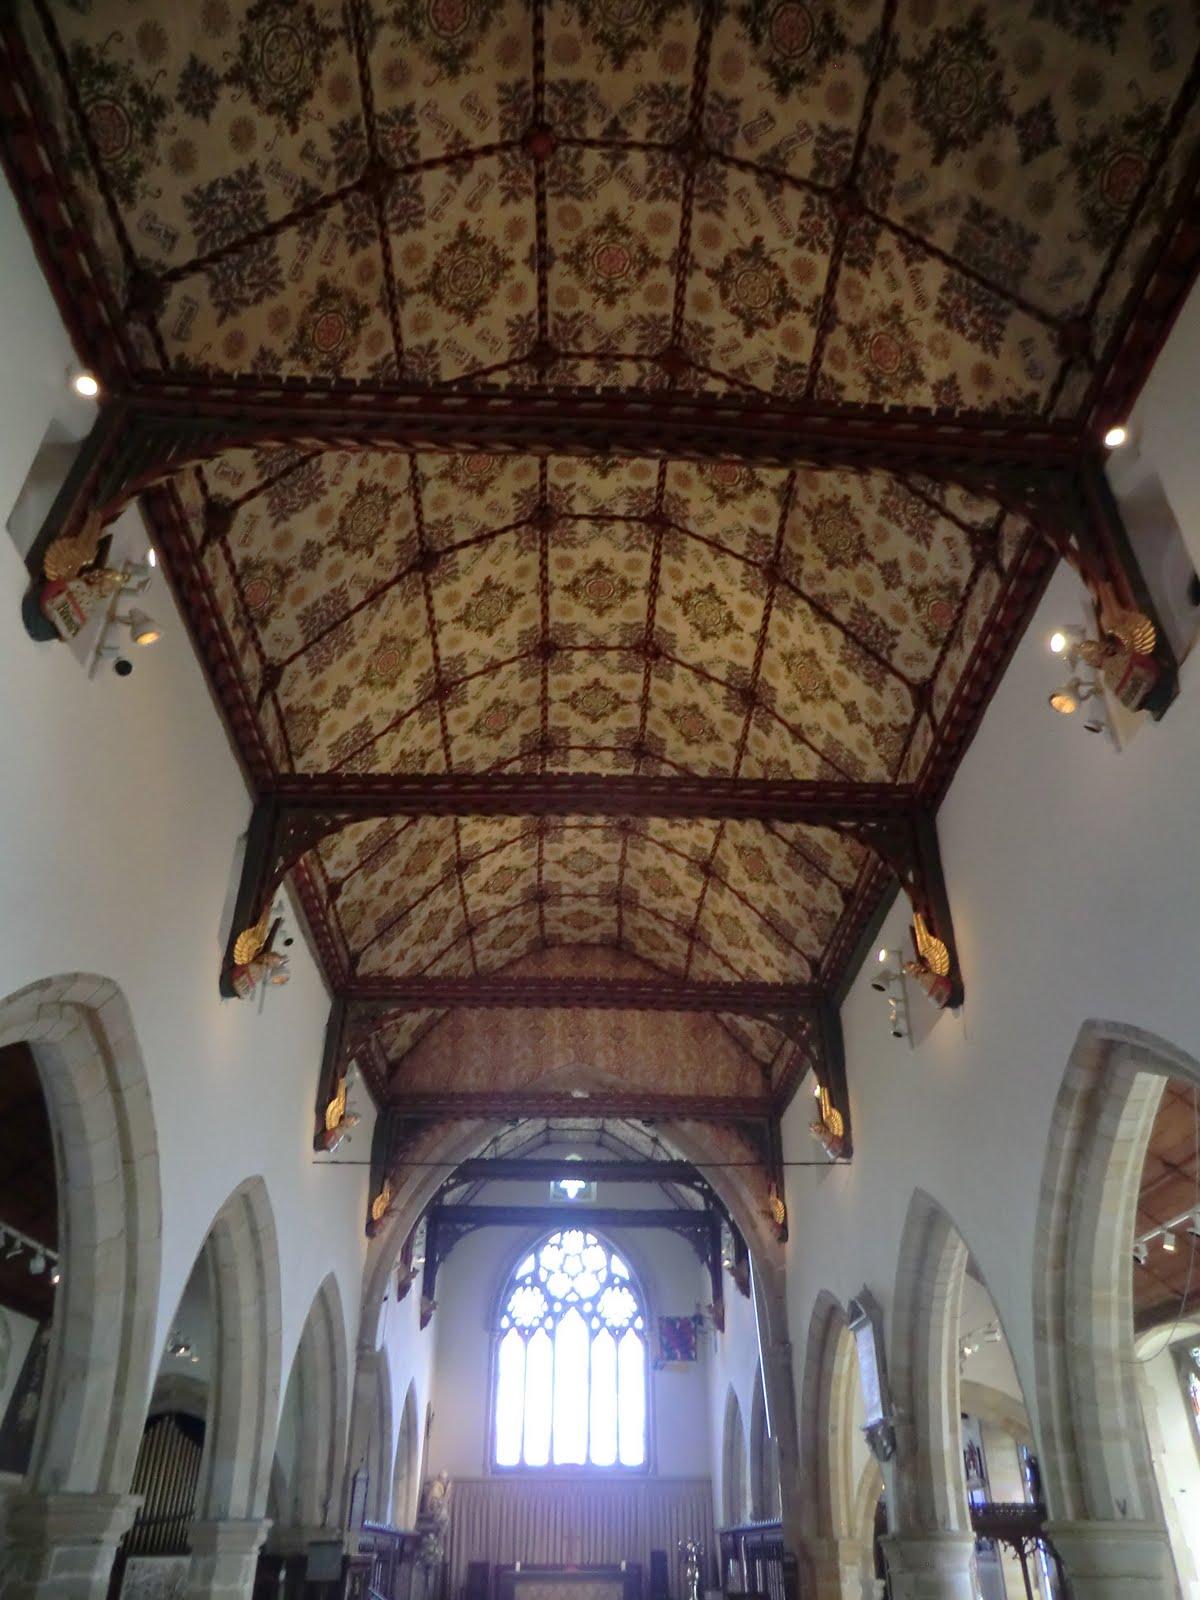 CIMG3987 Decorated ceiling, Holy Trinity Church